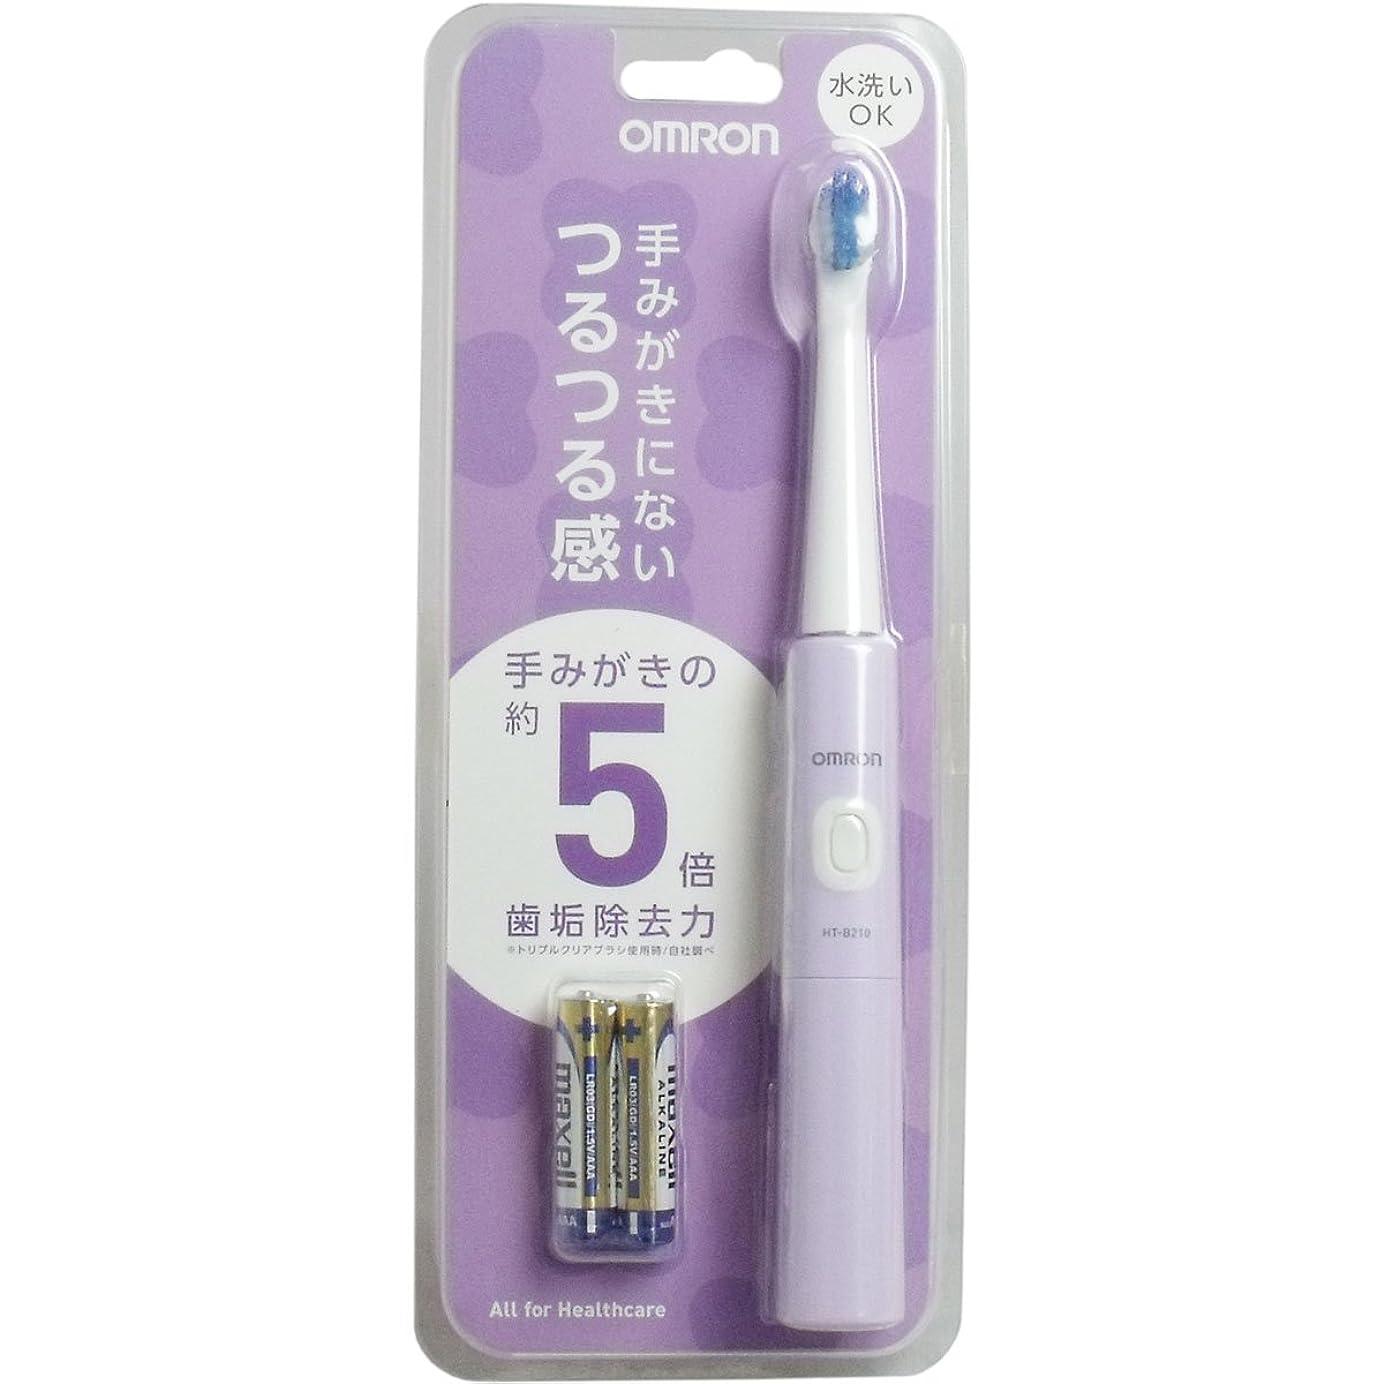 新着通信網からオムロンヘルスケア 音波式電動歯ブラシ パープル HT-B210-V